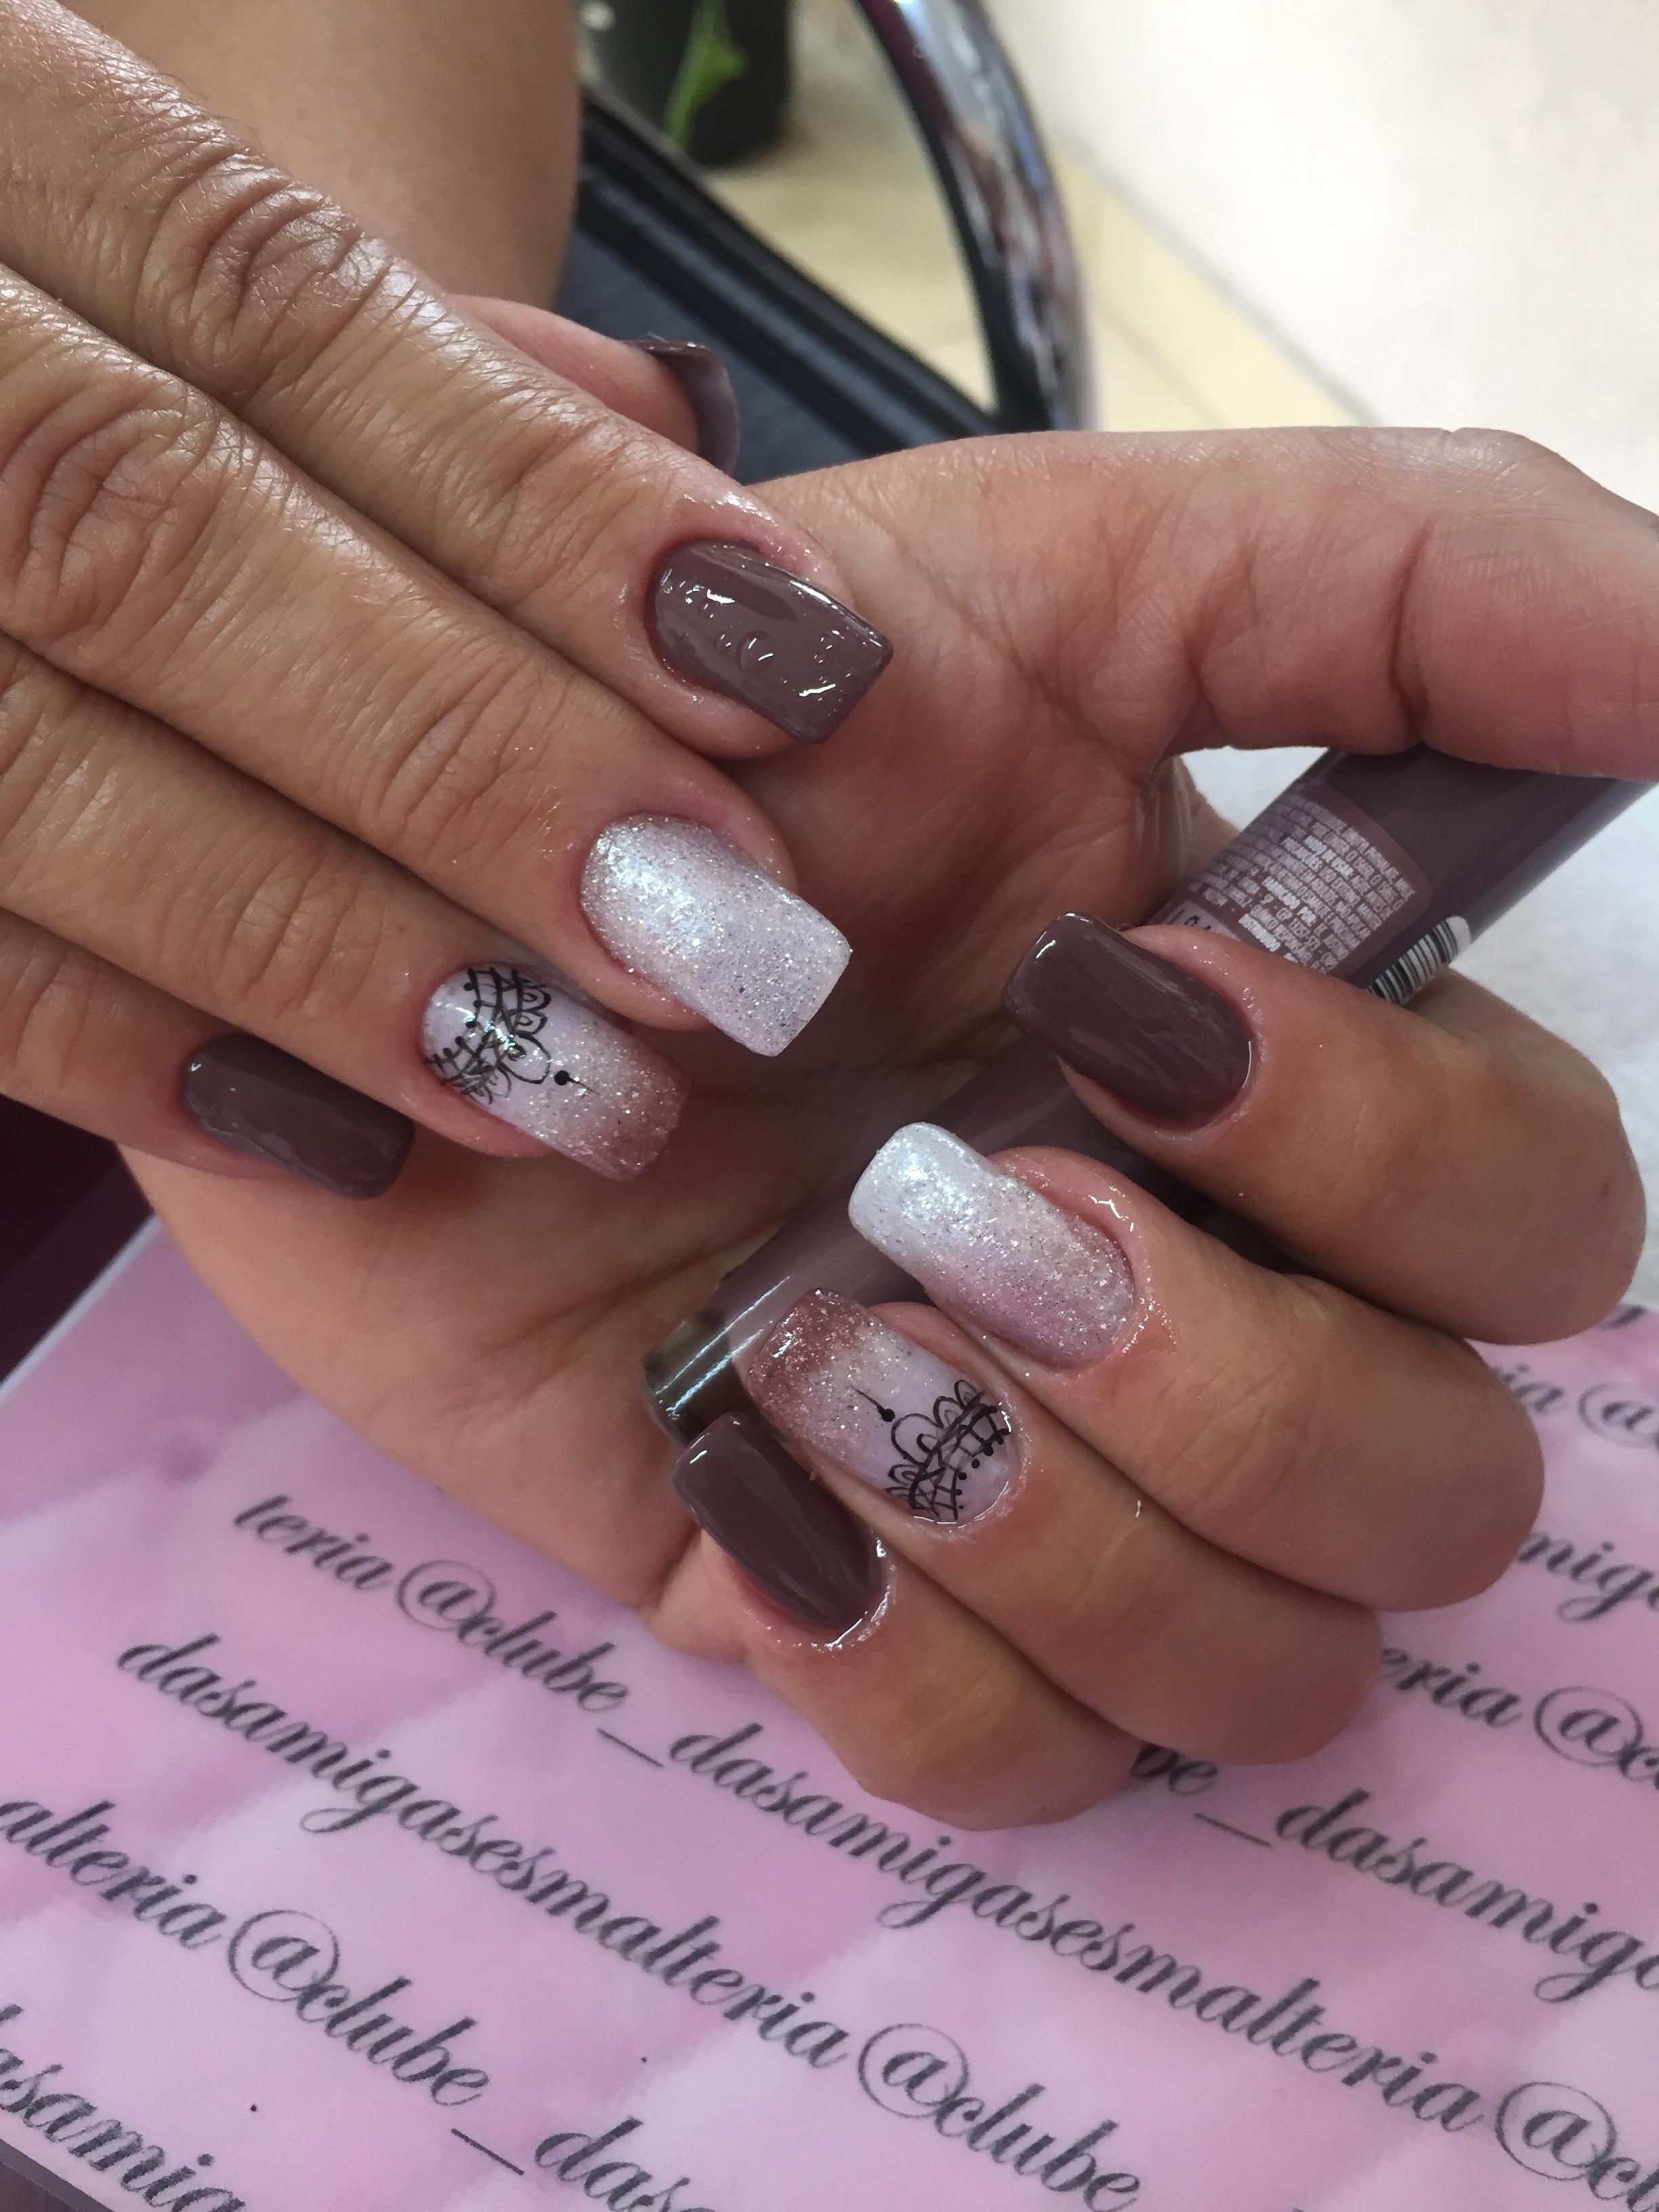 Unha de Gel com filha única técnica esfumaçado com renda desenhada a mão #UnhadeGel #Tecnicaesfumacada #Renda #nailart unha